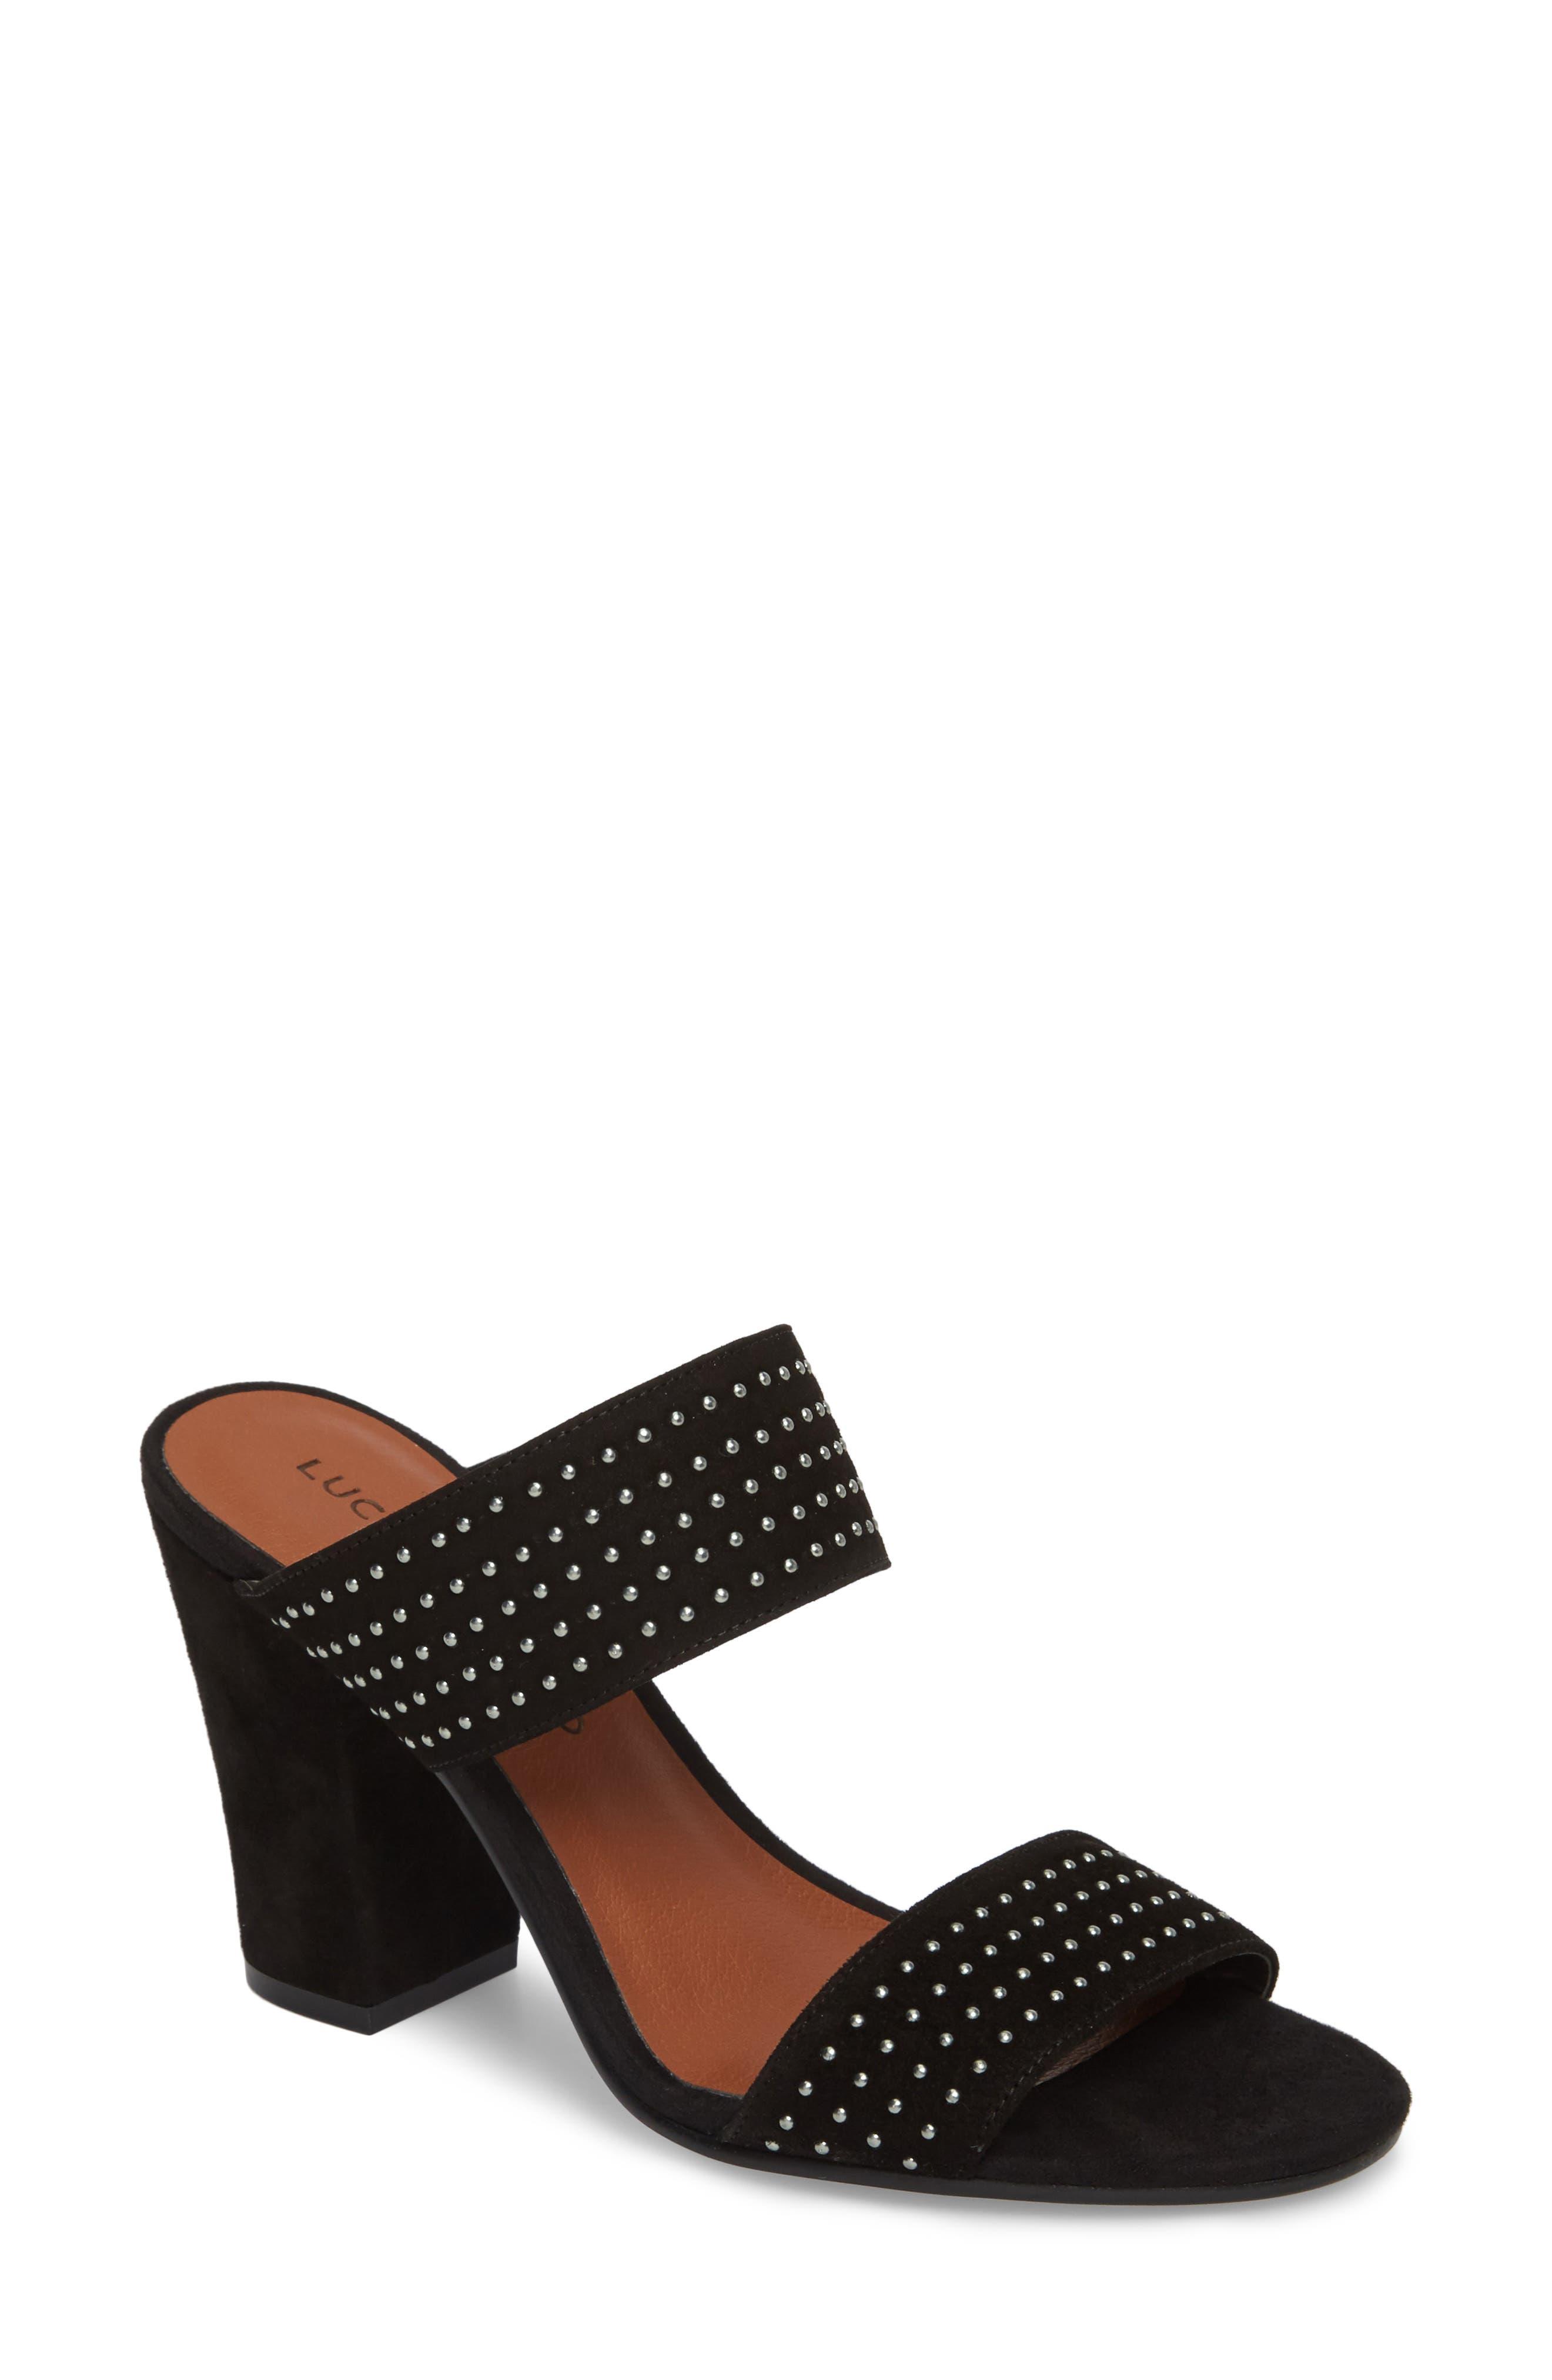 Mkennah Slide Sandal,                         Main,                         color, Black Suede